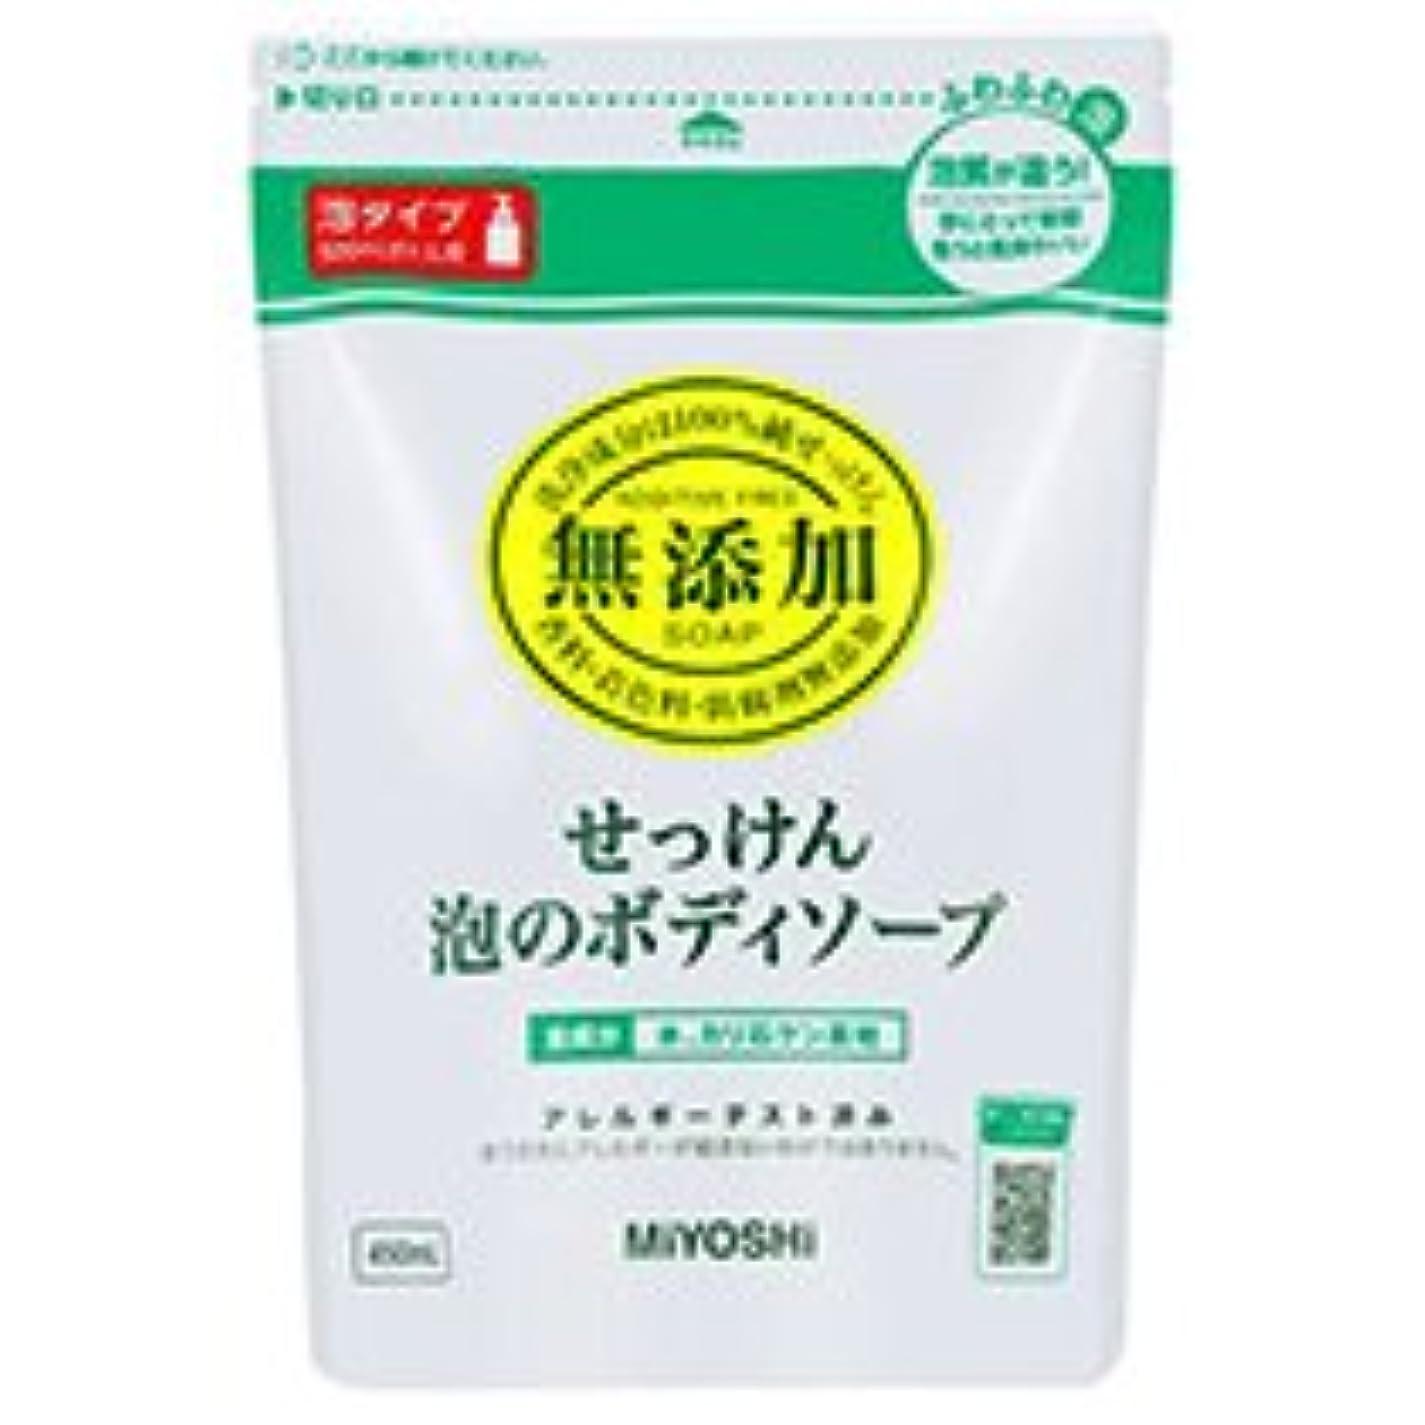 符号苦居心地の良いミヨシ石鹸 無添加せっけん 泡のボディソープ 詰替用 450ml 1個